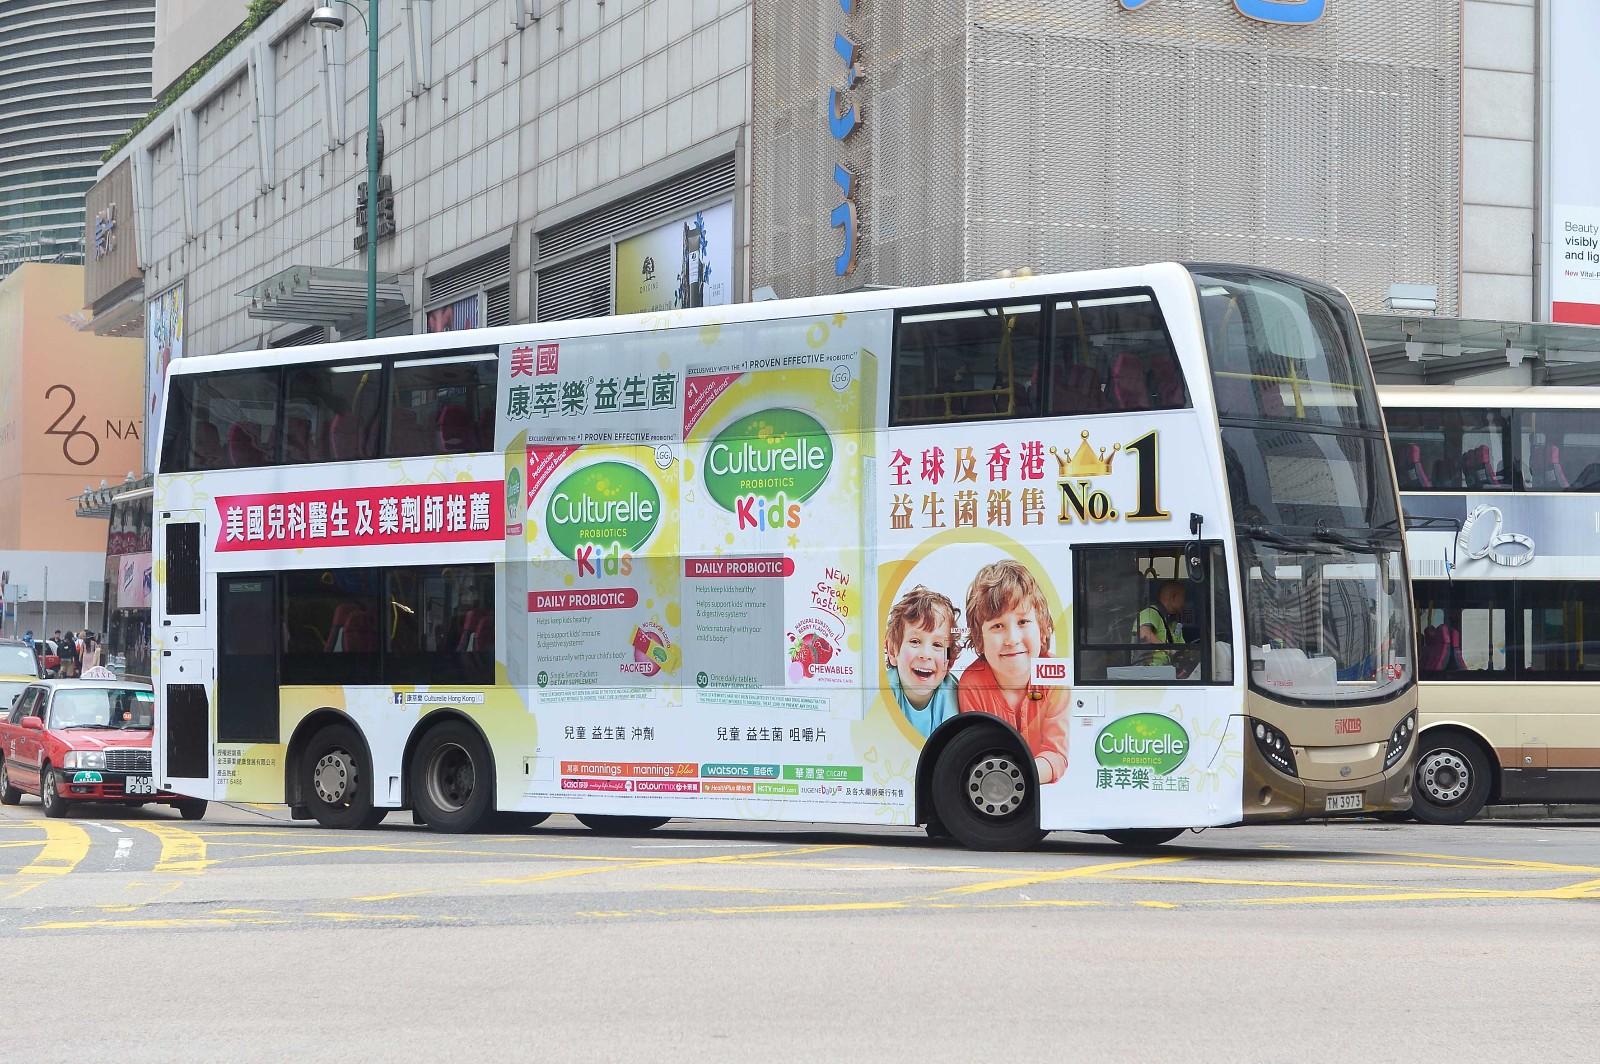 Culturelle_康萃樂 TM3973-HB.jpg